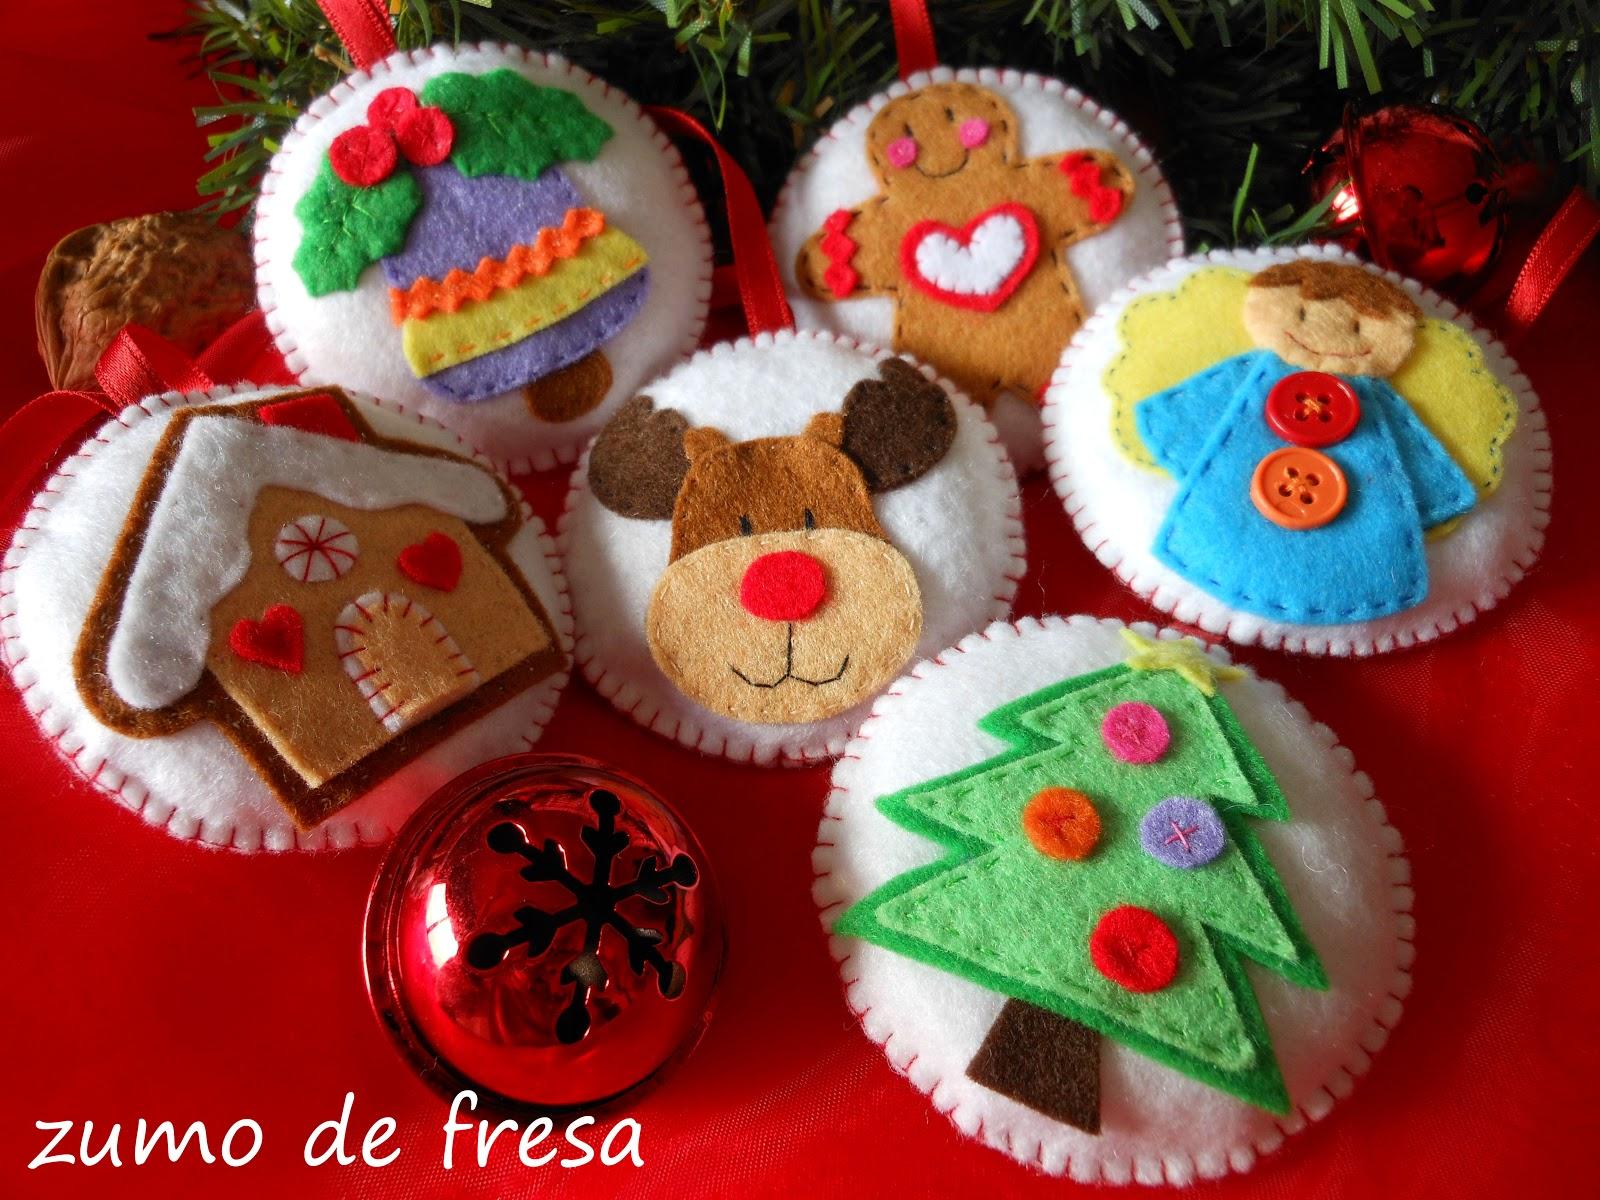 Zumo de fresa bolas de navidad - Como hacer zumo de fresa ...